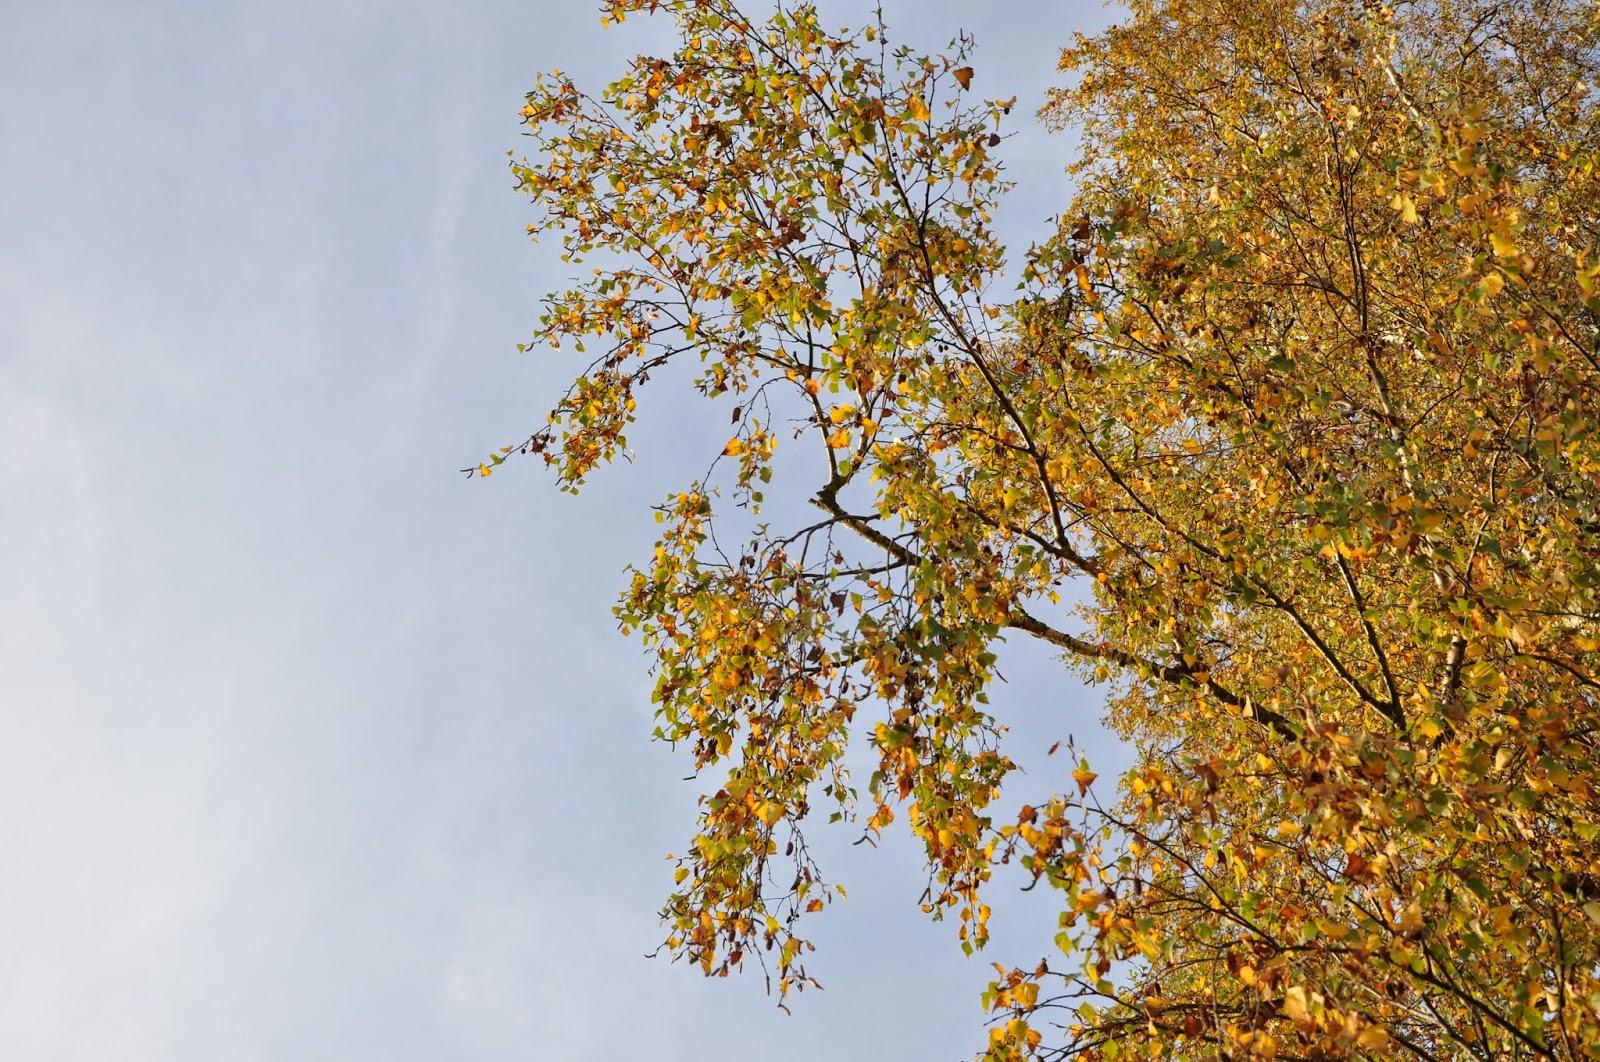 Herbst-Impressionen | Herbstlicher Baum mit gefärbtem Laub in der Spätsommersonne